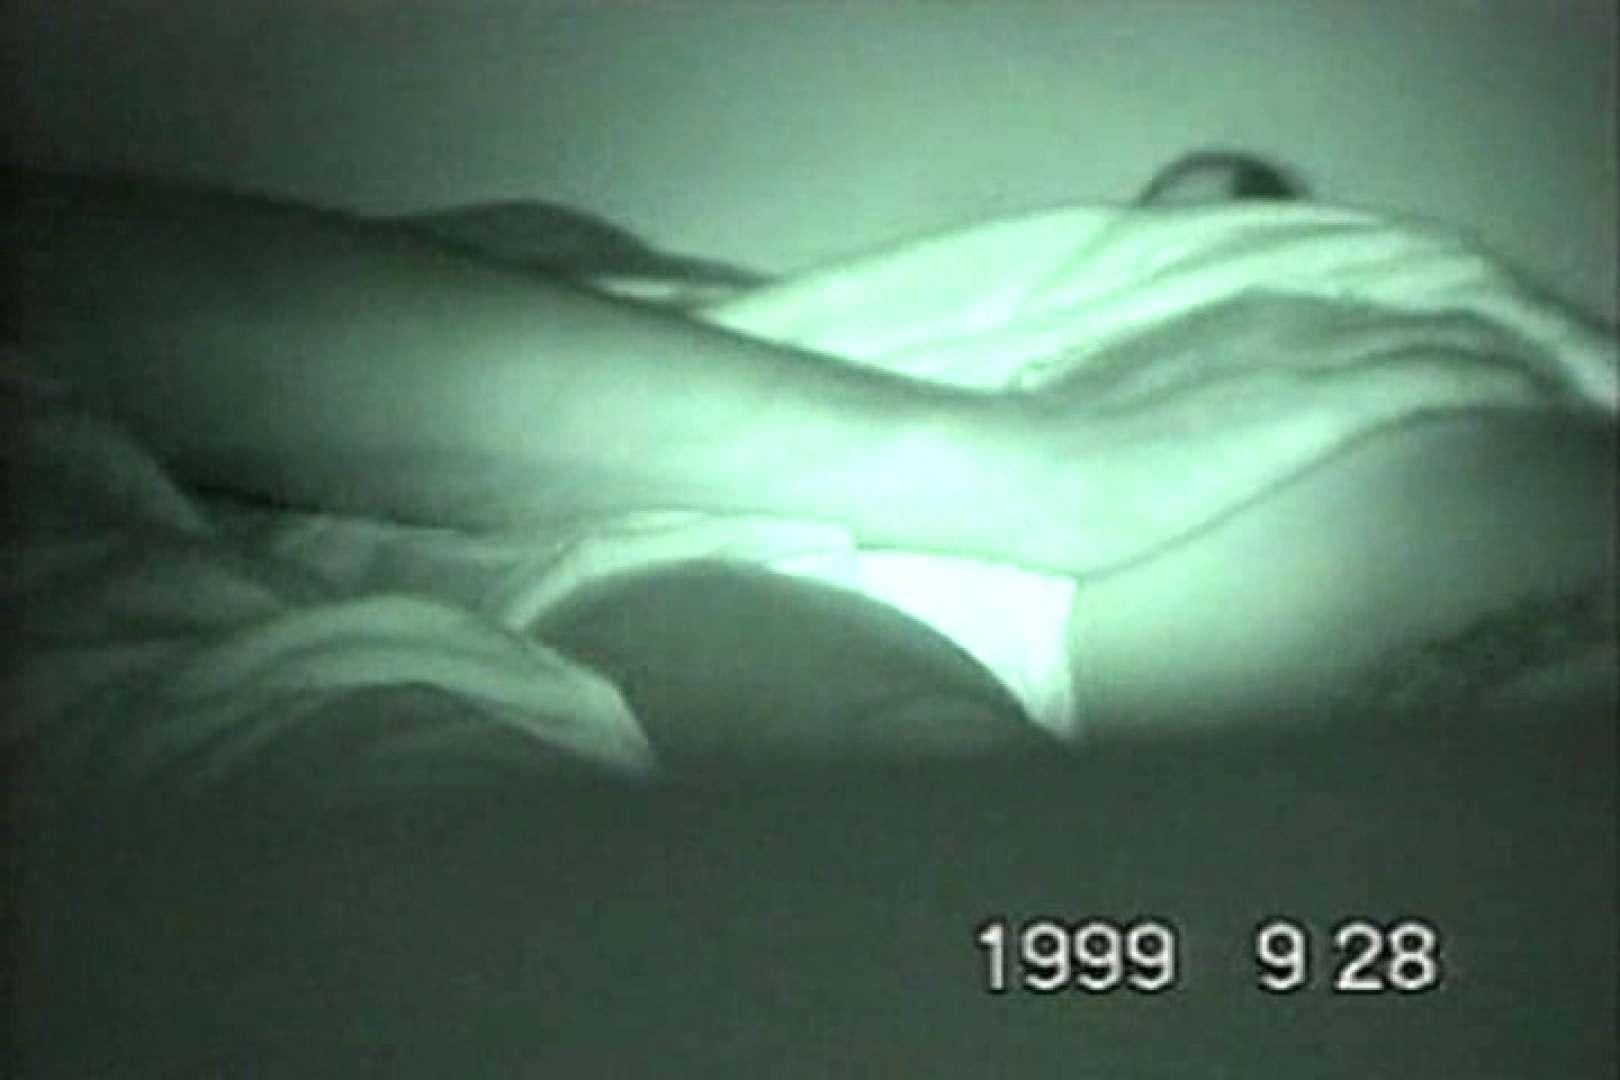 蔵出し!!赤外線カーセックスVol.17 OLの実態 盗み撮りAV無料動画キャプチャ 83pic 68